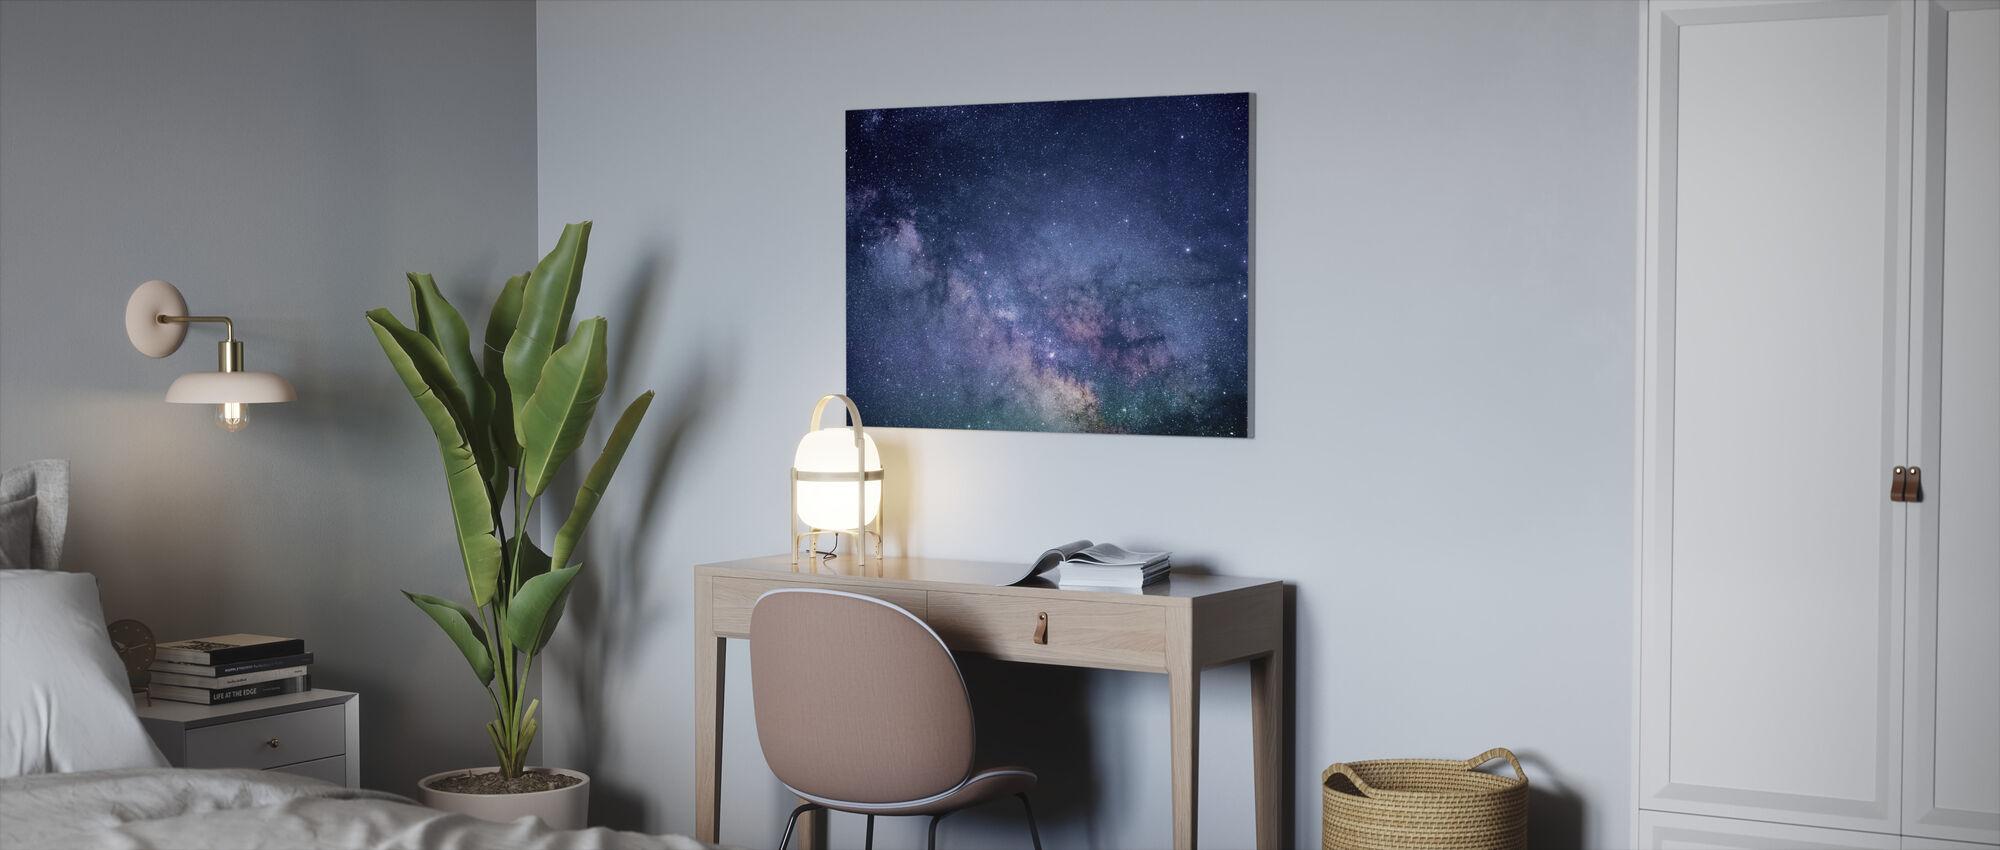 Galaxy Stars - Canvastaulu - Toimisto